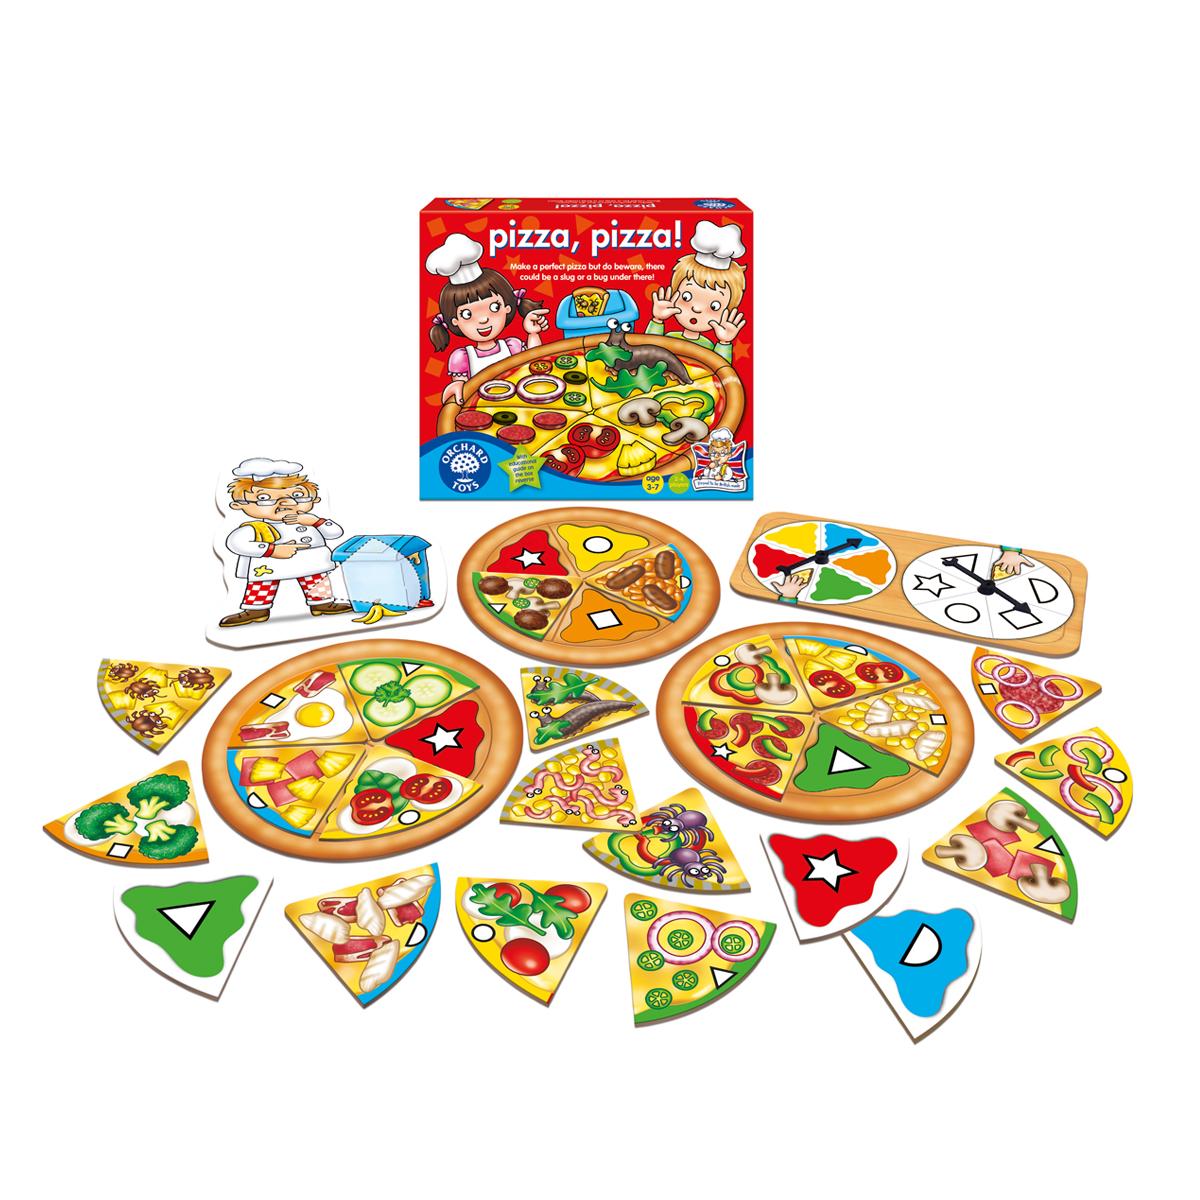 マッチングゲーム pizza pizzaのイベントご報告。